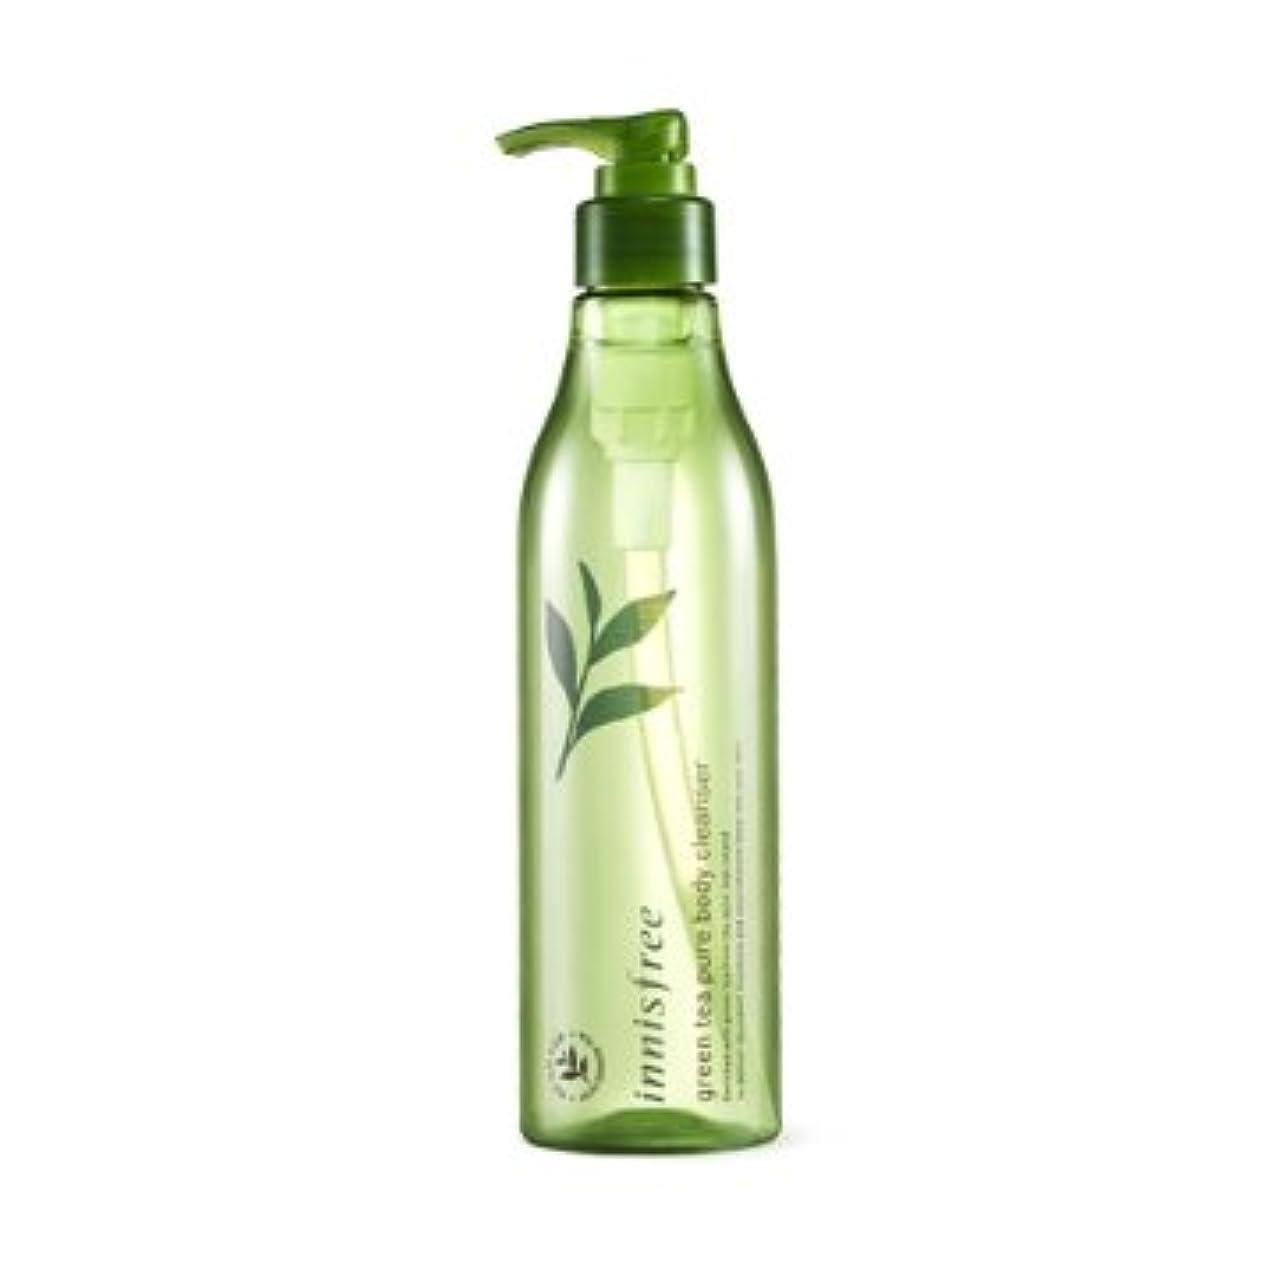 勝利した誓い失態【イニスフリー】Innisfree green tea pure body cleanser - 300ml (韓国直送品) (SHOPPINGINSTAGRAM)